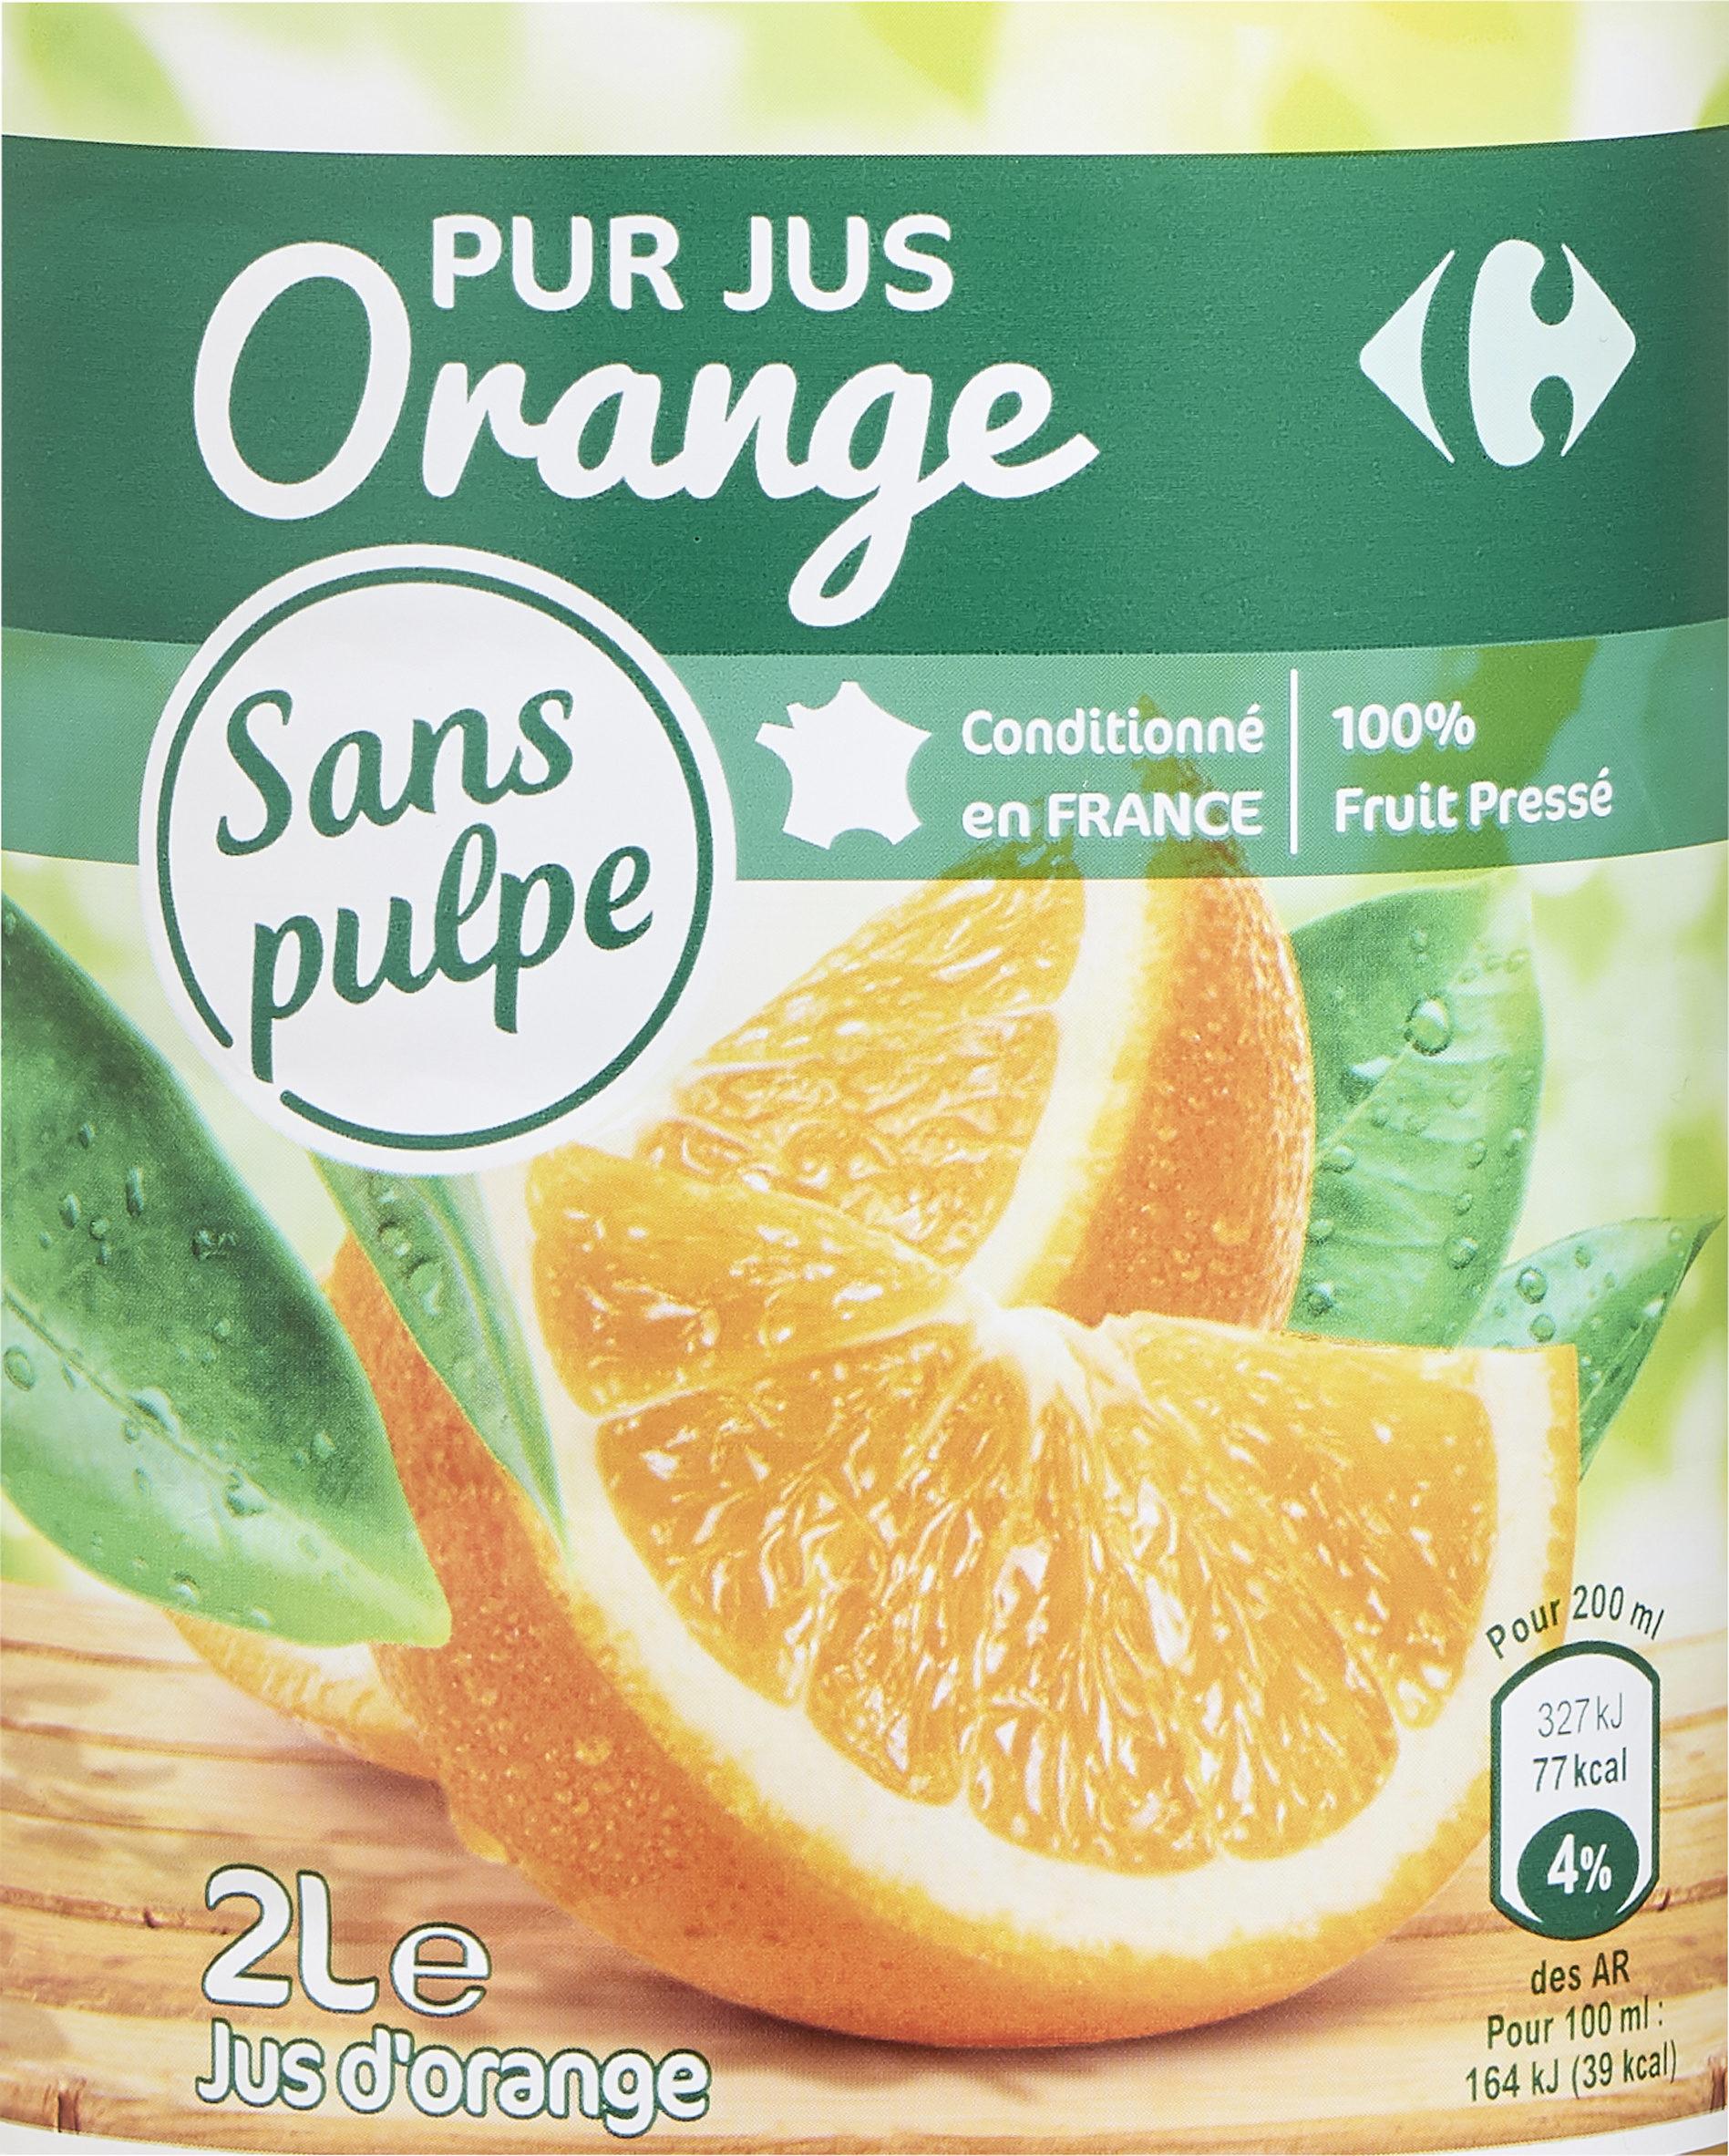 PUR JUS Orange pressée - Product - fr